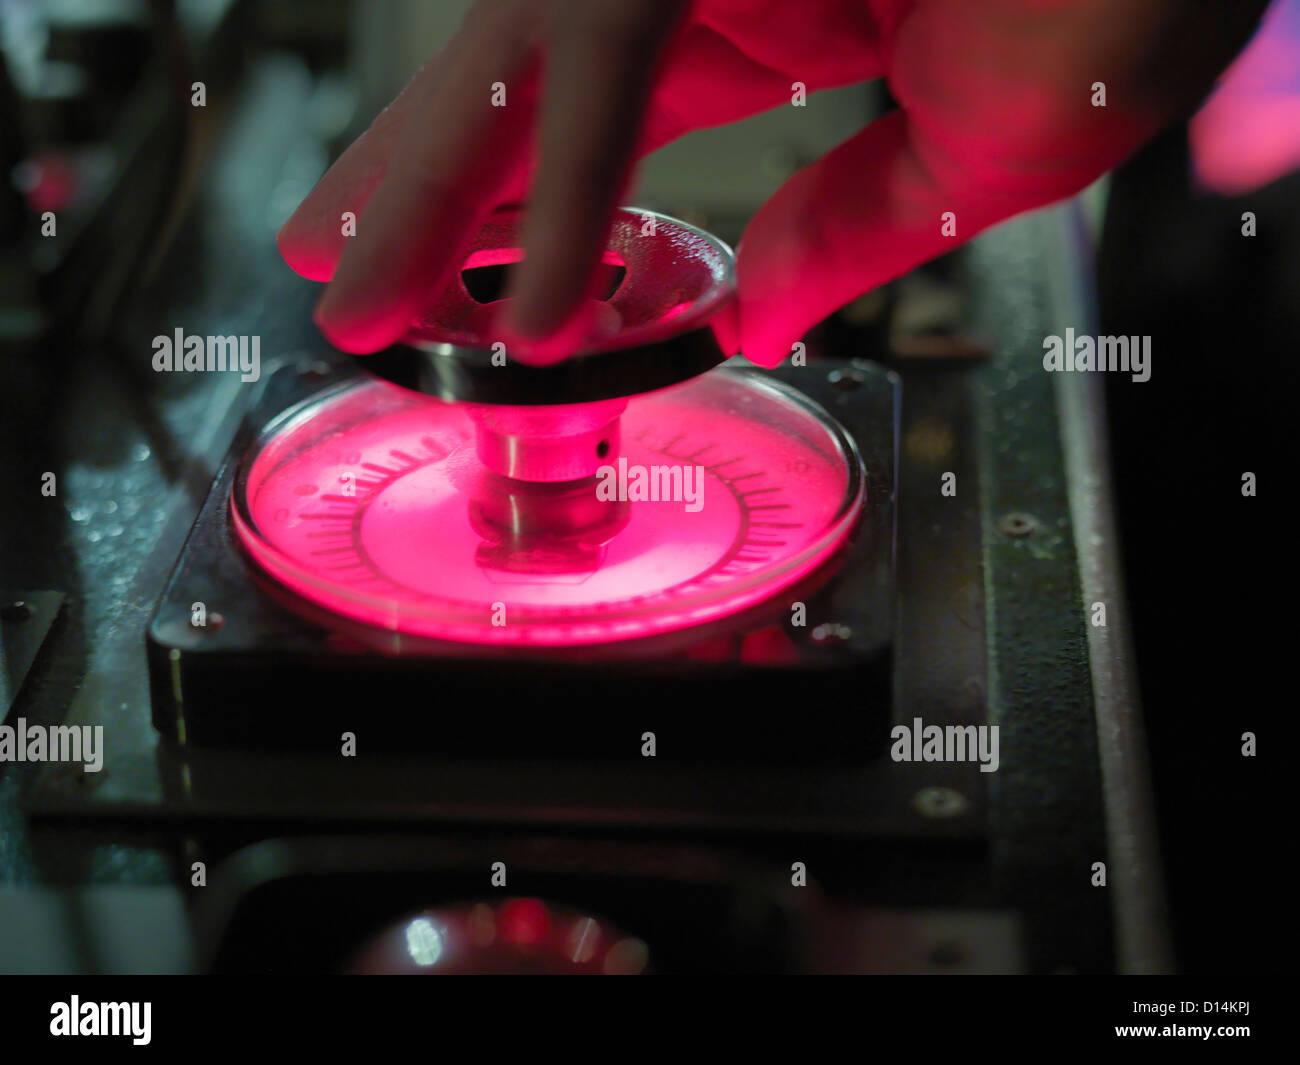 Cerca de mano girando el dial de control Imagen De Stock